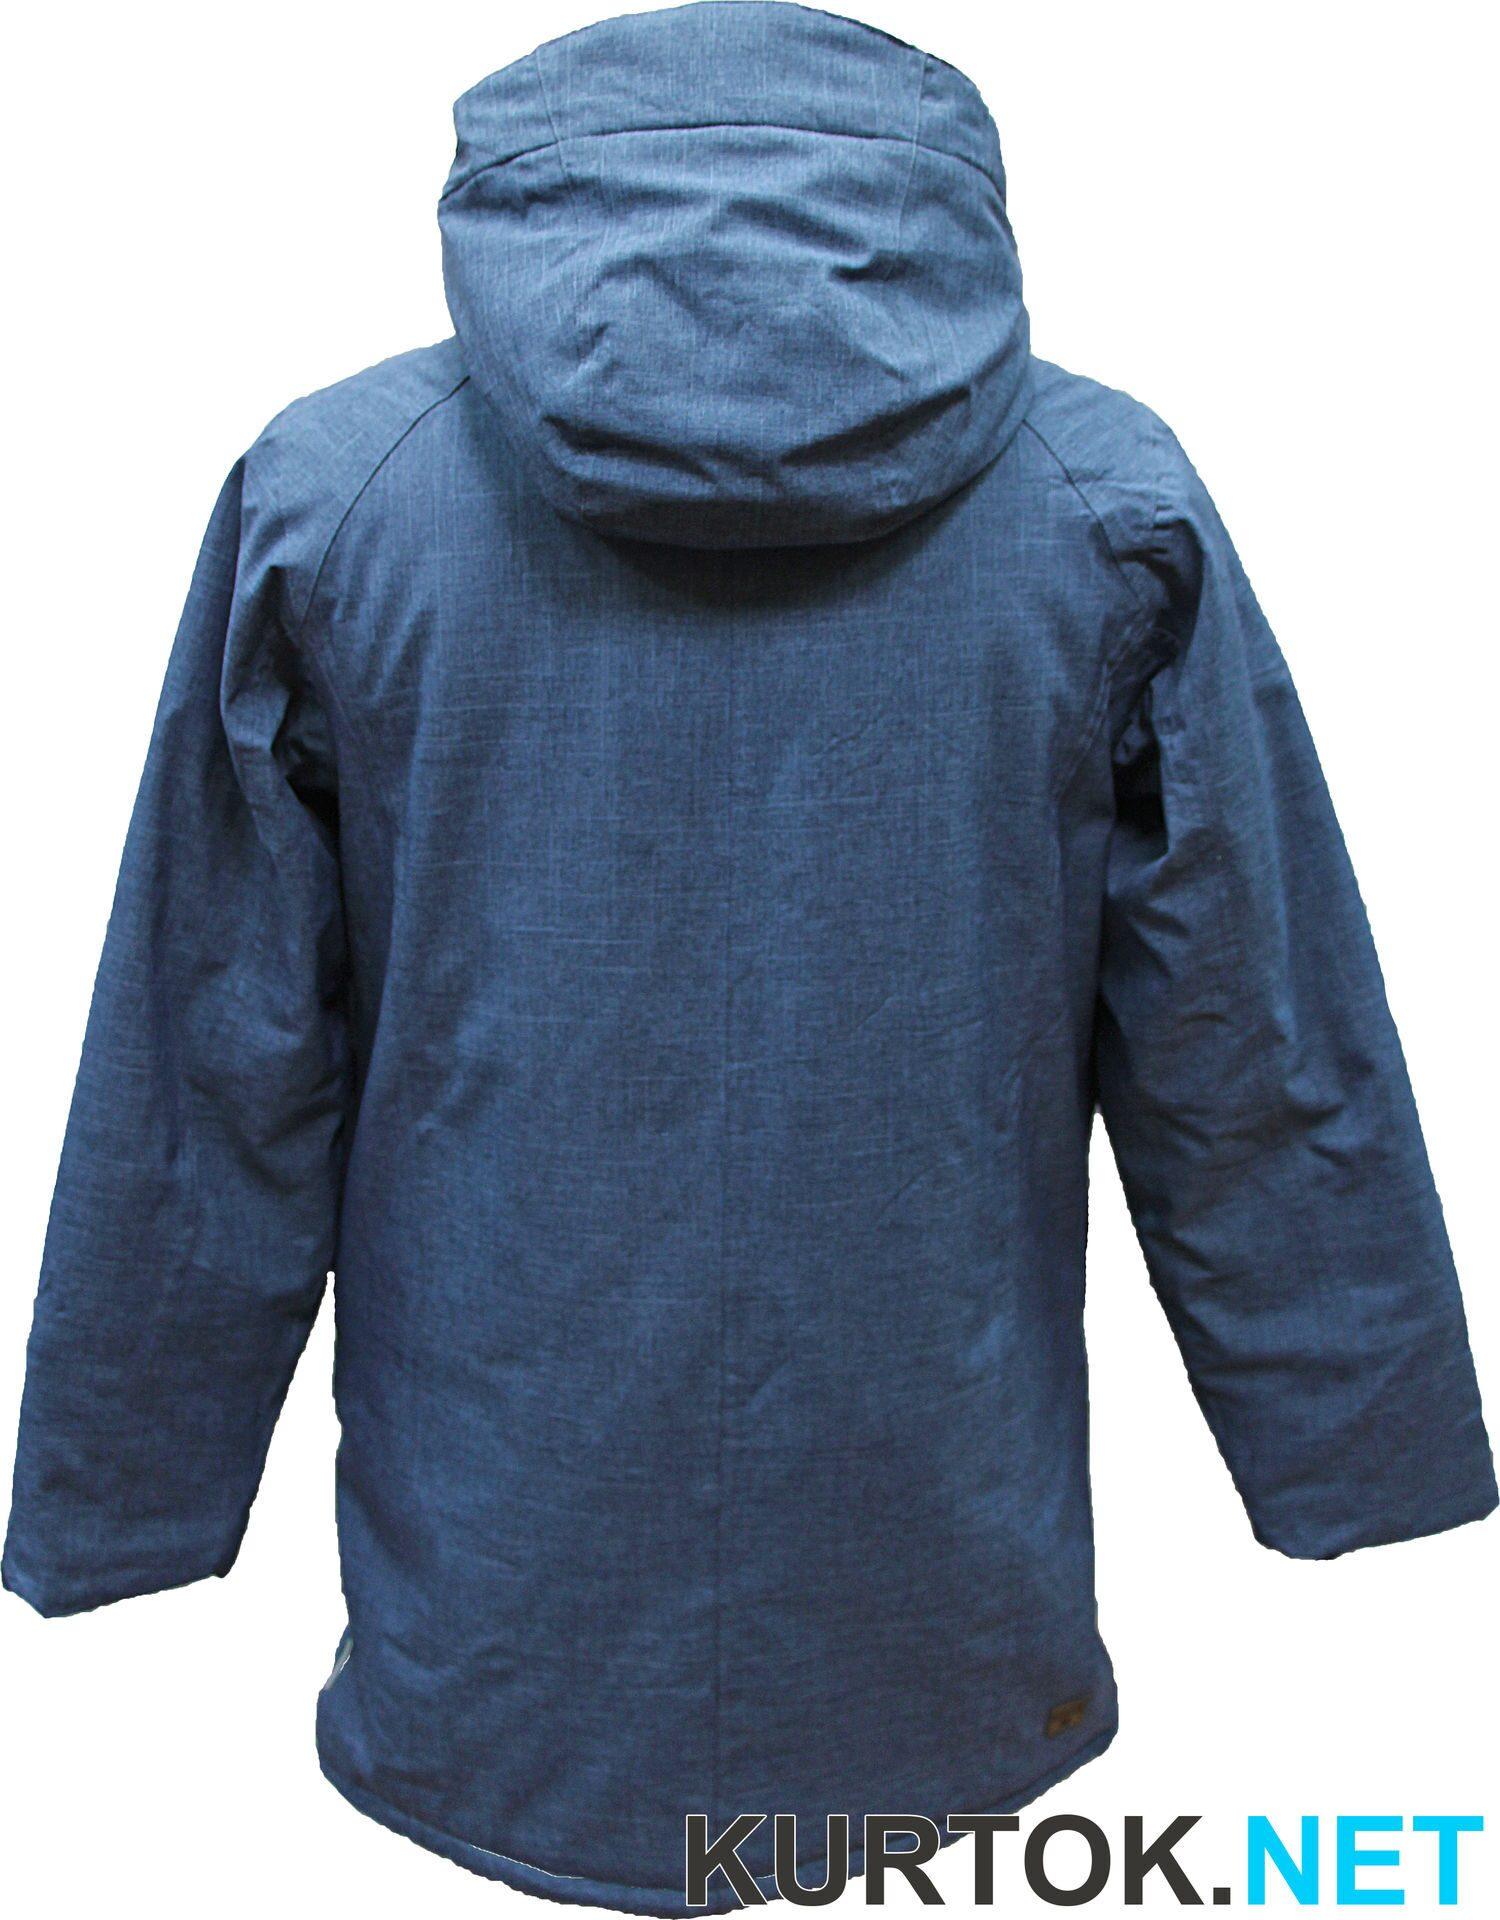 Удлиненная джинсовая куртка луки